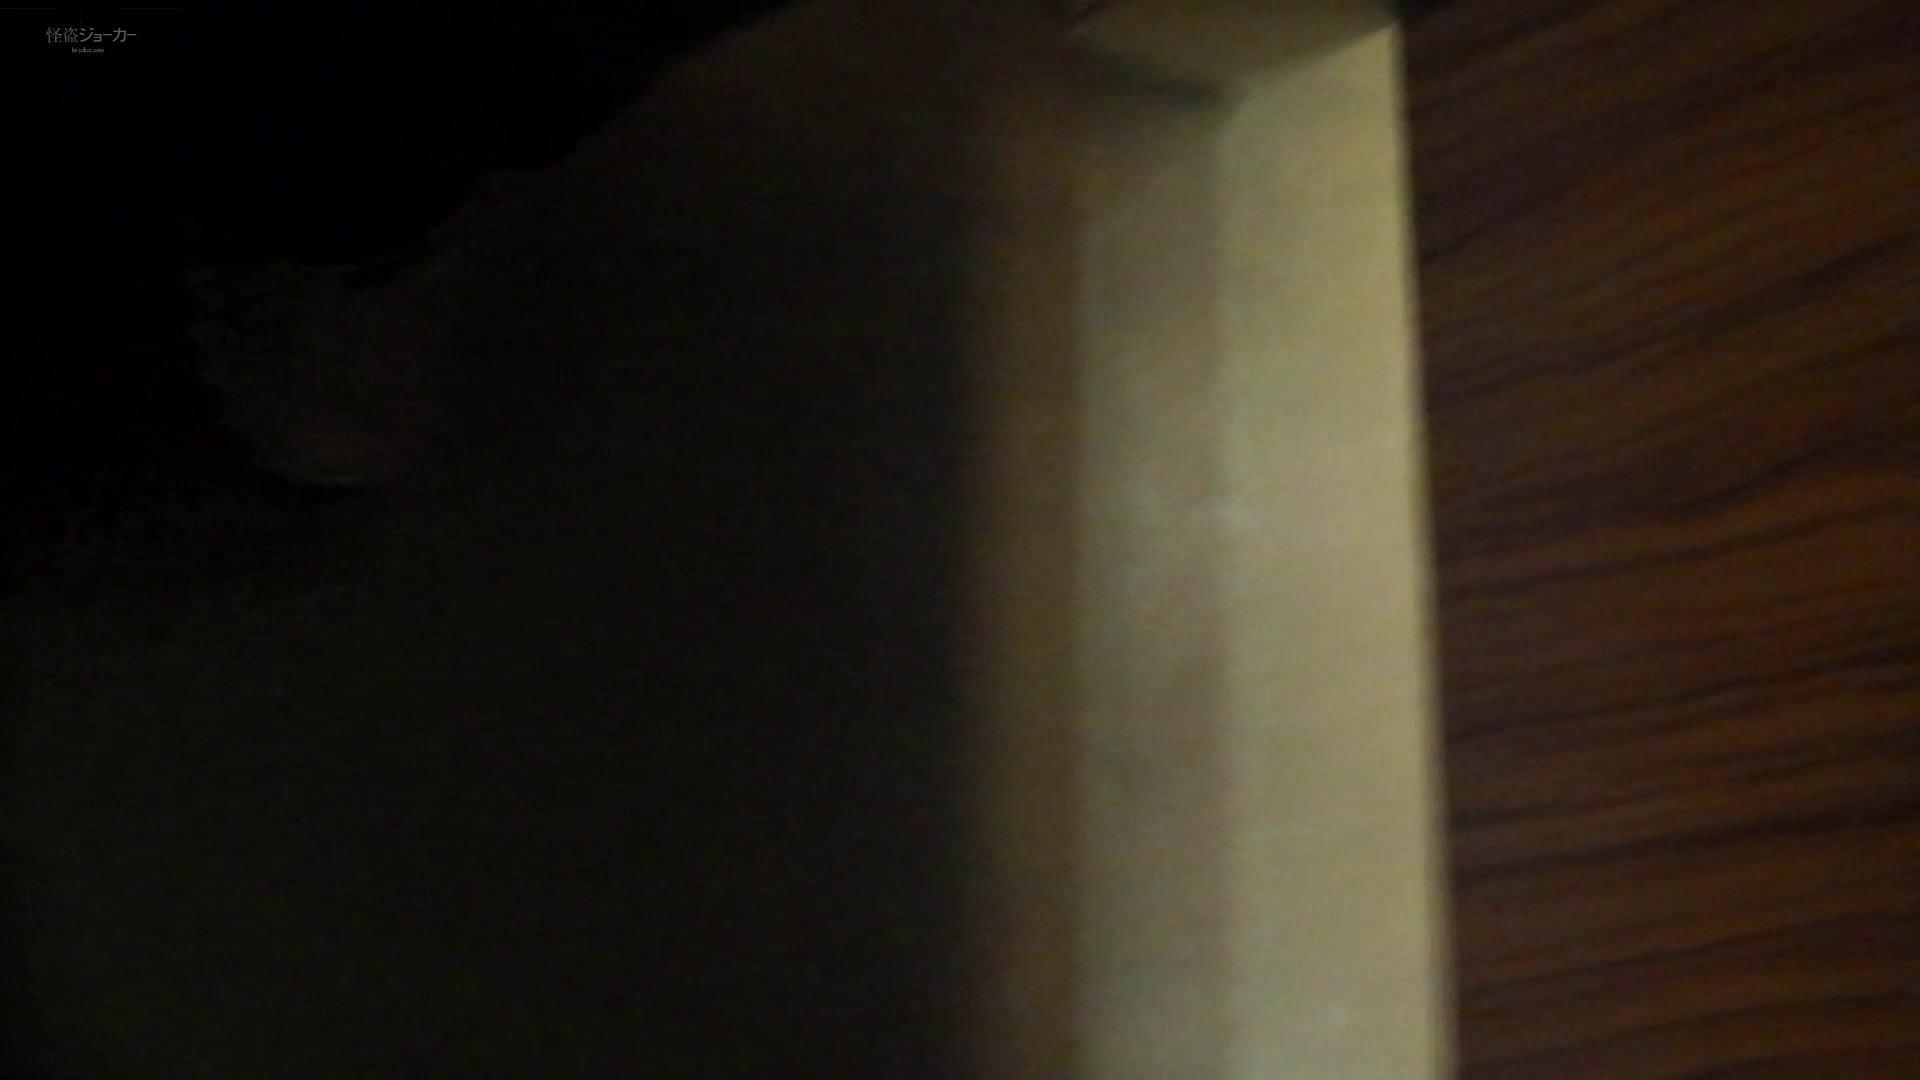 和式洋式七変化 Vol.28 綺麗に撮れました。(ー_ー)!! 洗面所 盗撮エロ画像 105pic 83